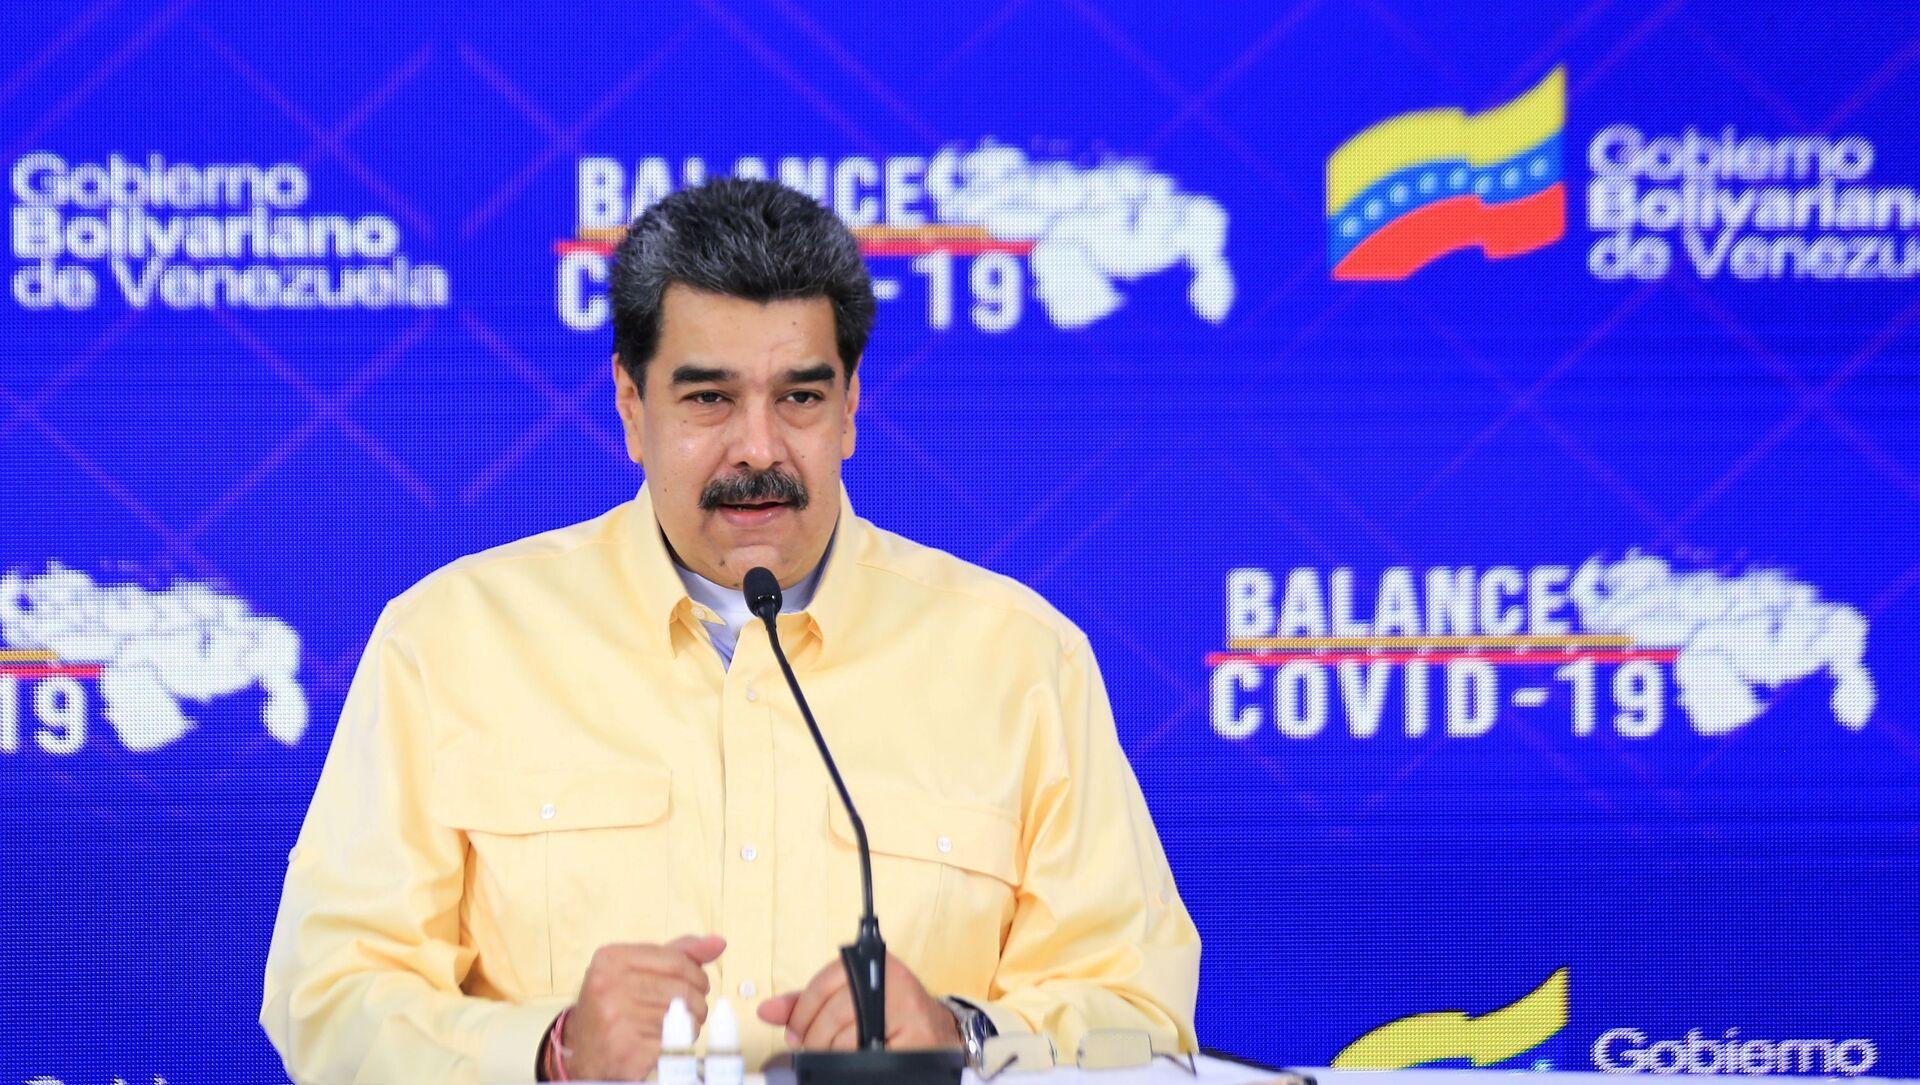 Nicolás Maduro, presidente de Venezuela - Sputnik Mundo, 1920, 07.02.2021